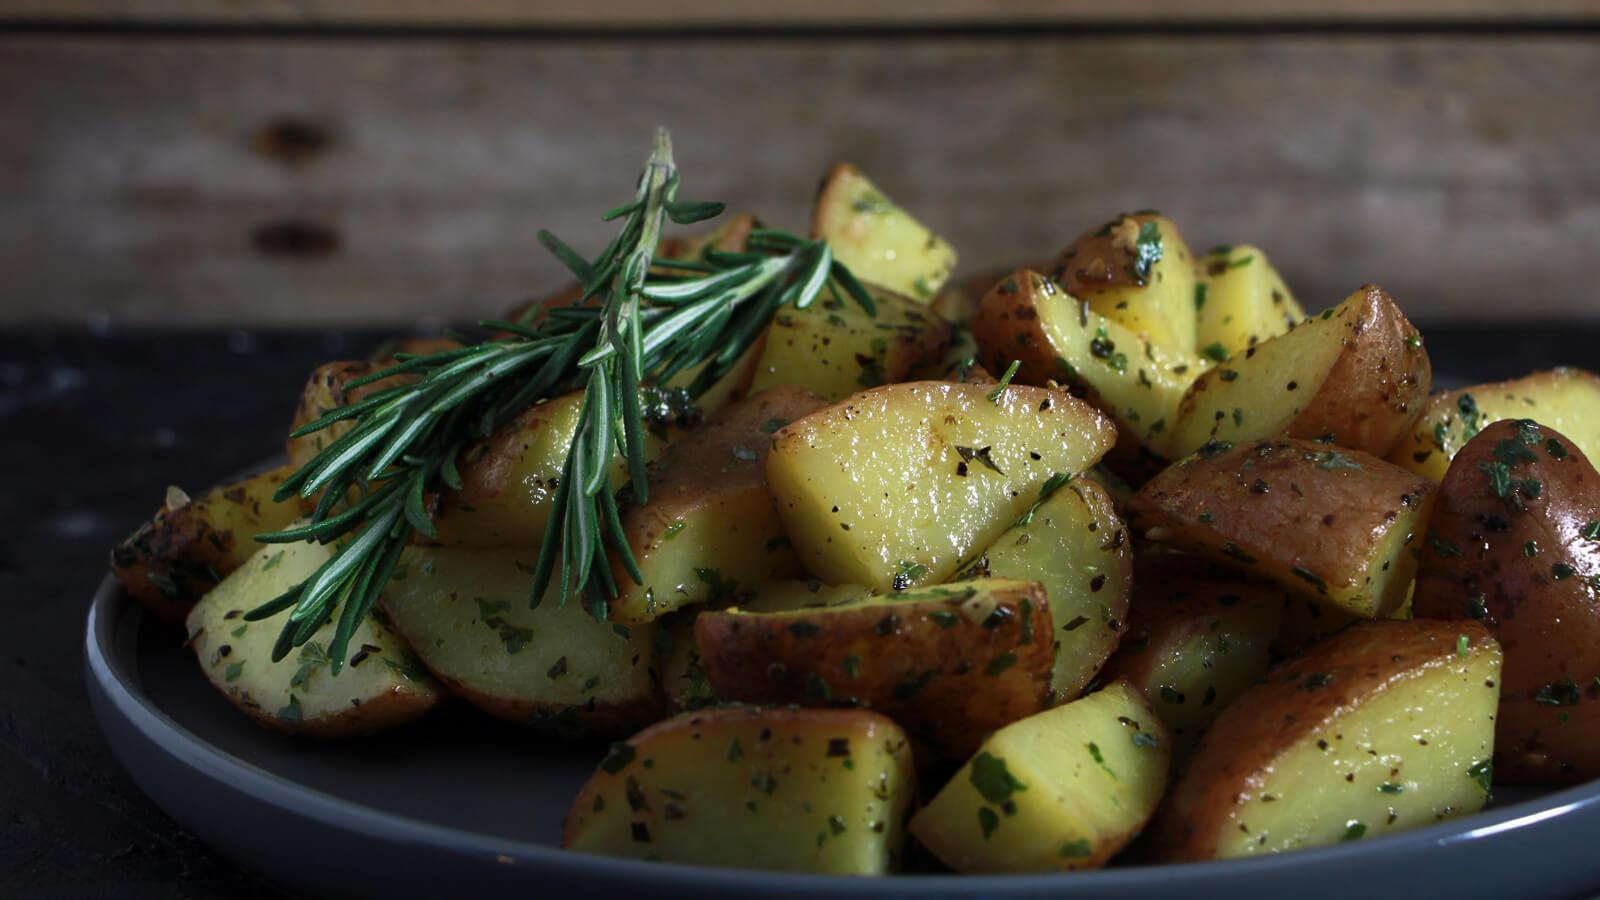 Op zoek naar een mooi aardappelgerecht van de BBQ? Probeer deze aardappeltjes met rozemarijn en citroen eens!